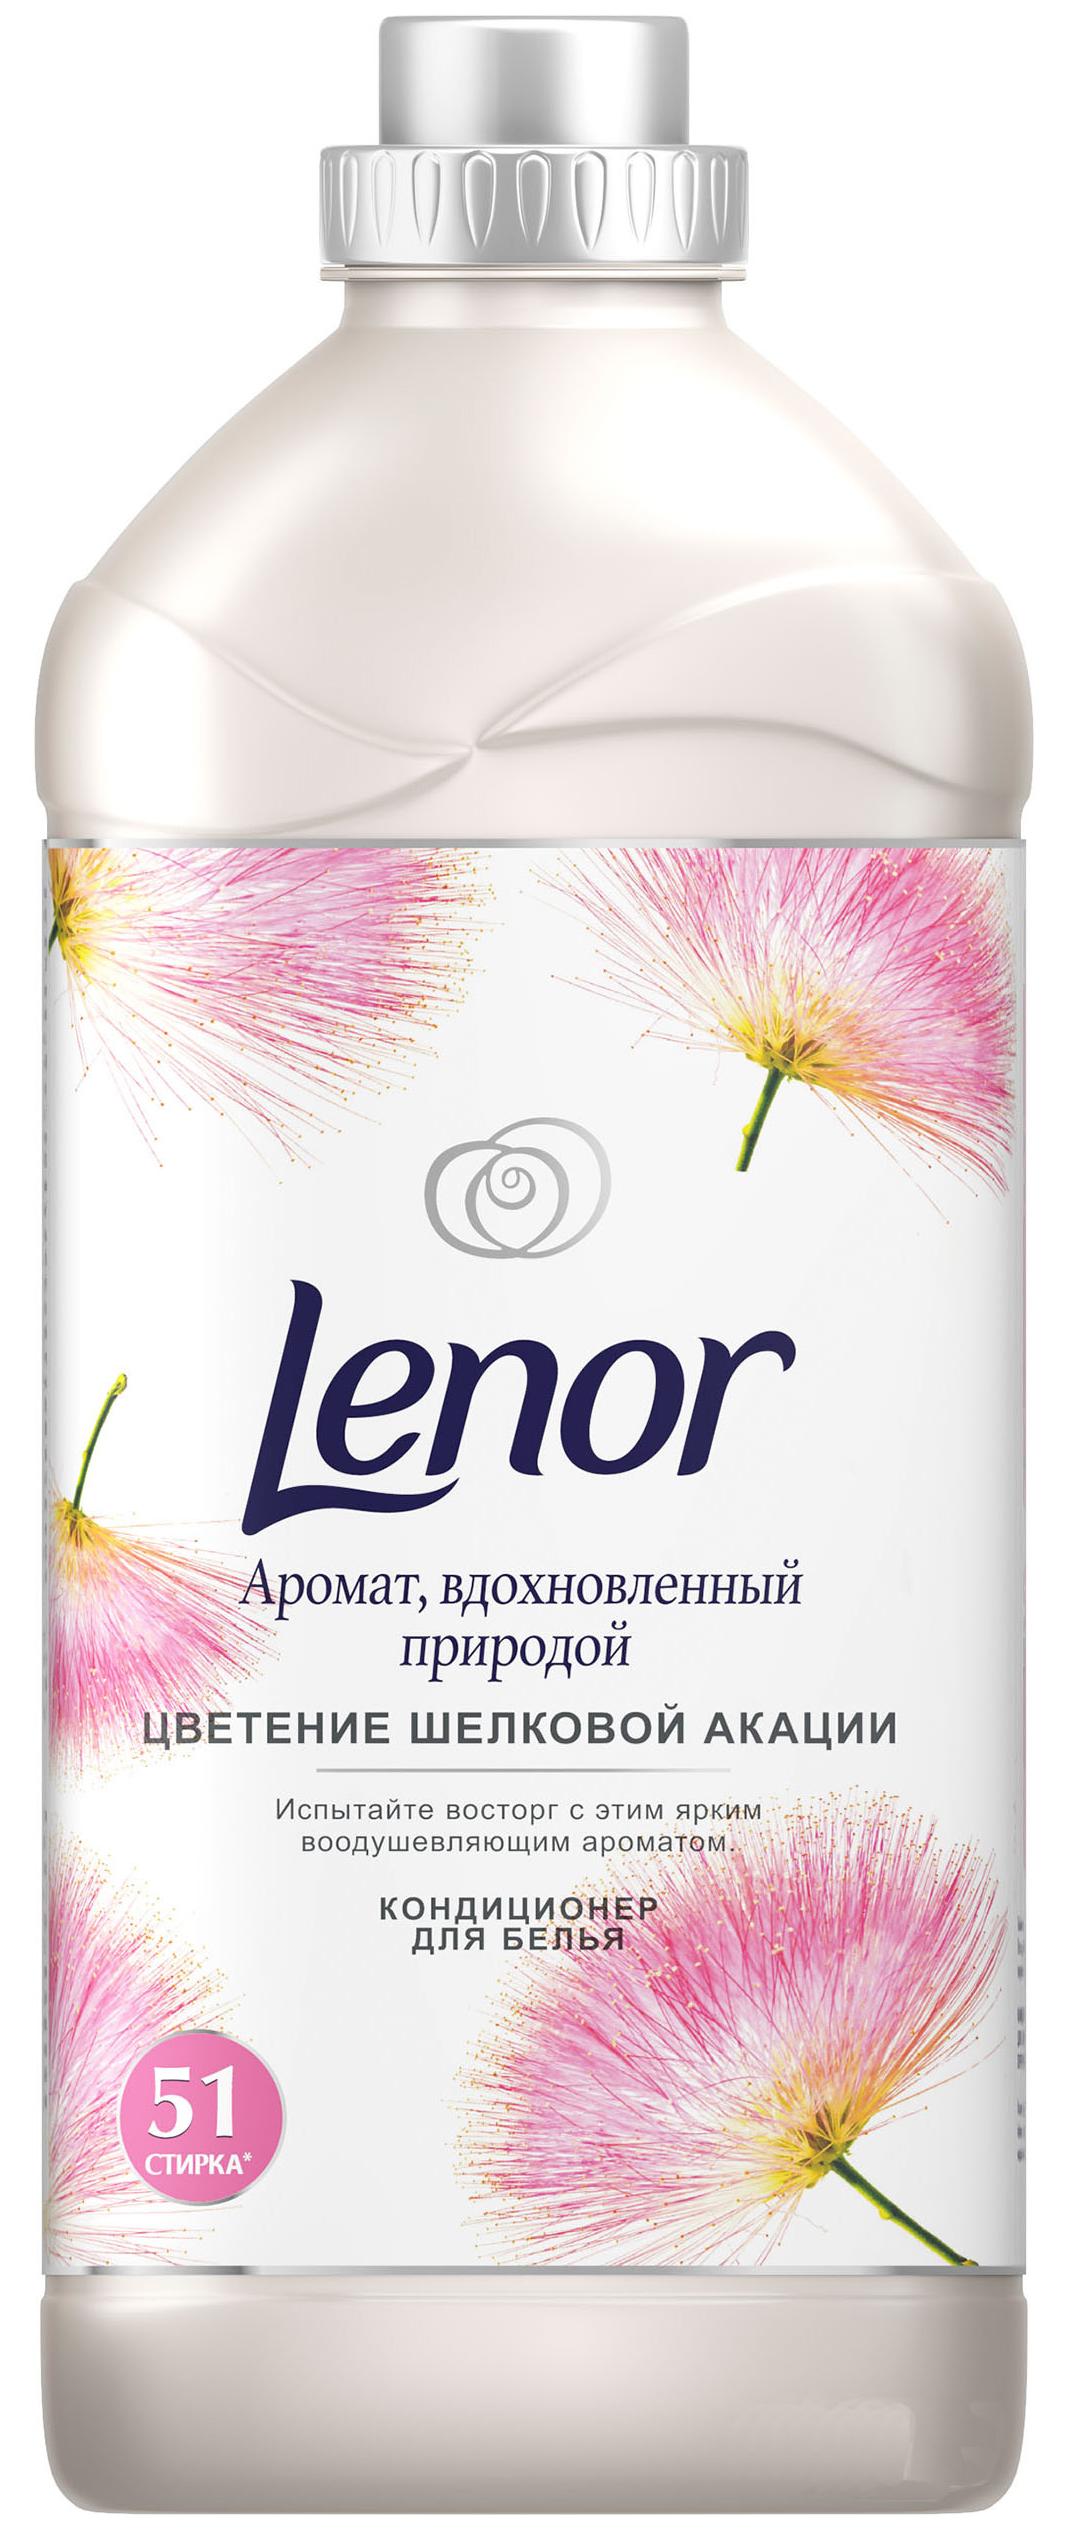 Концентрированный кондиционер для белья Lenor цветение шелковой акации 1.785 мл